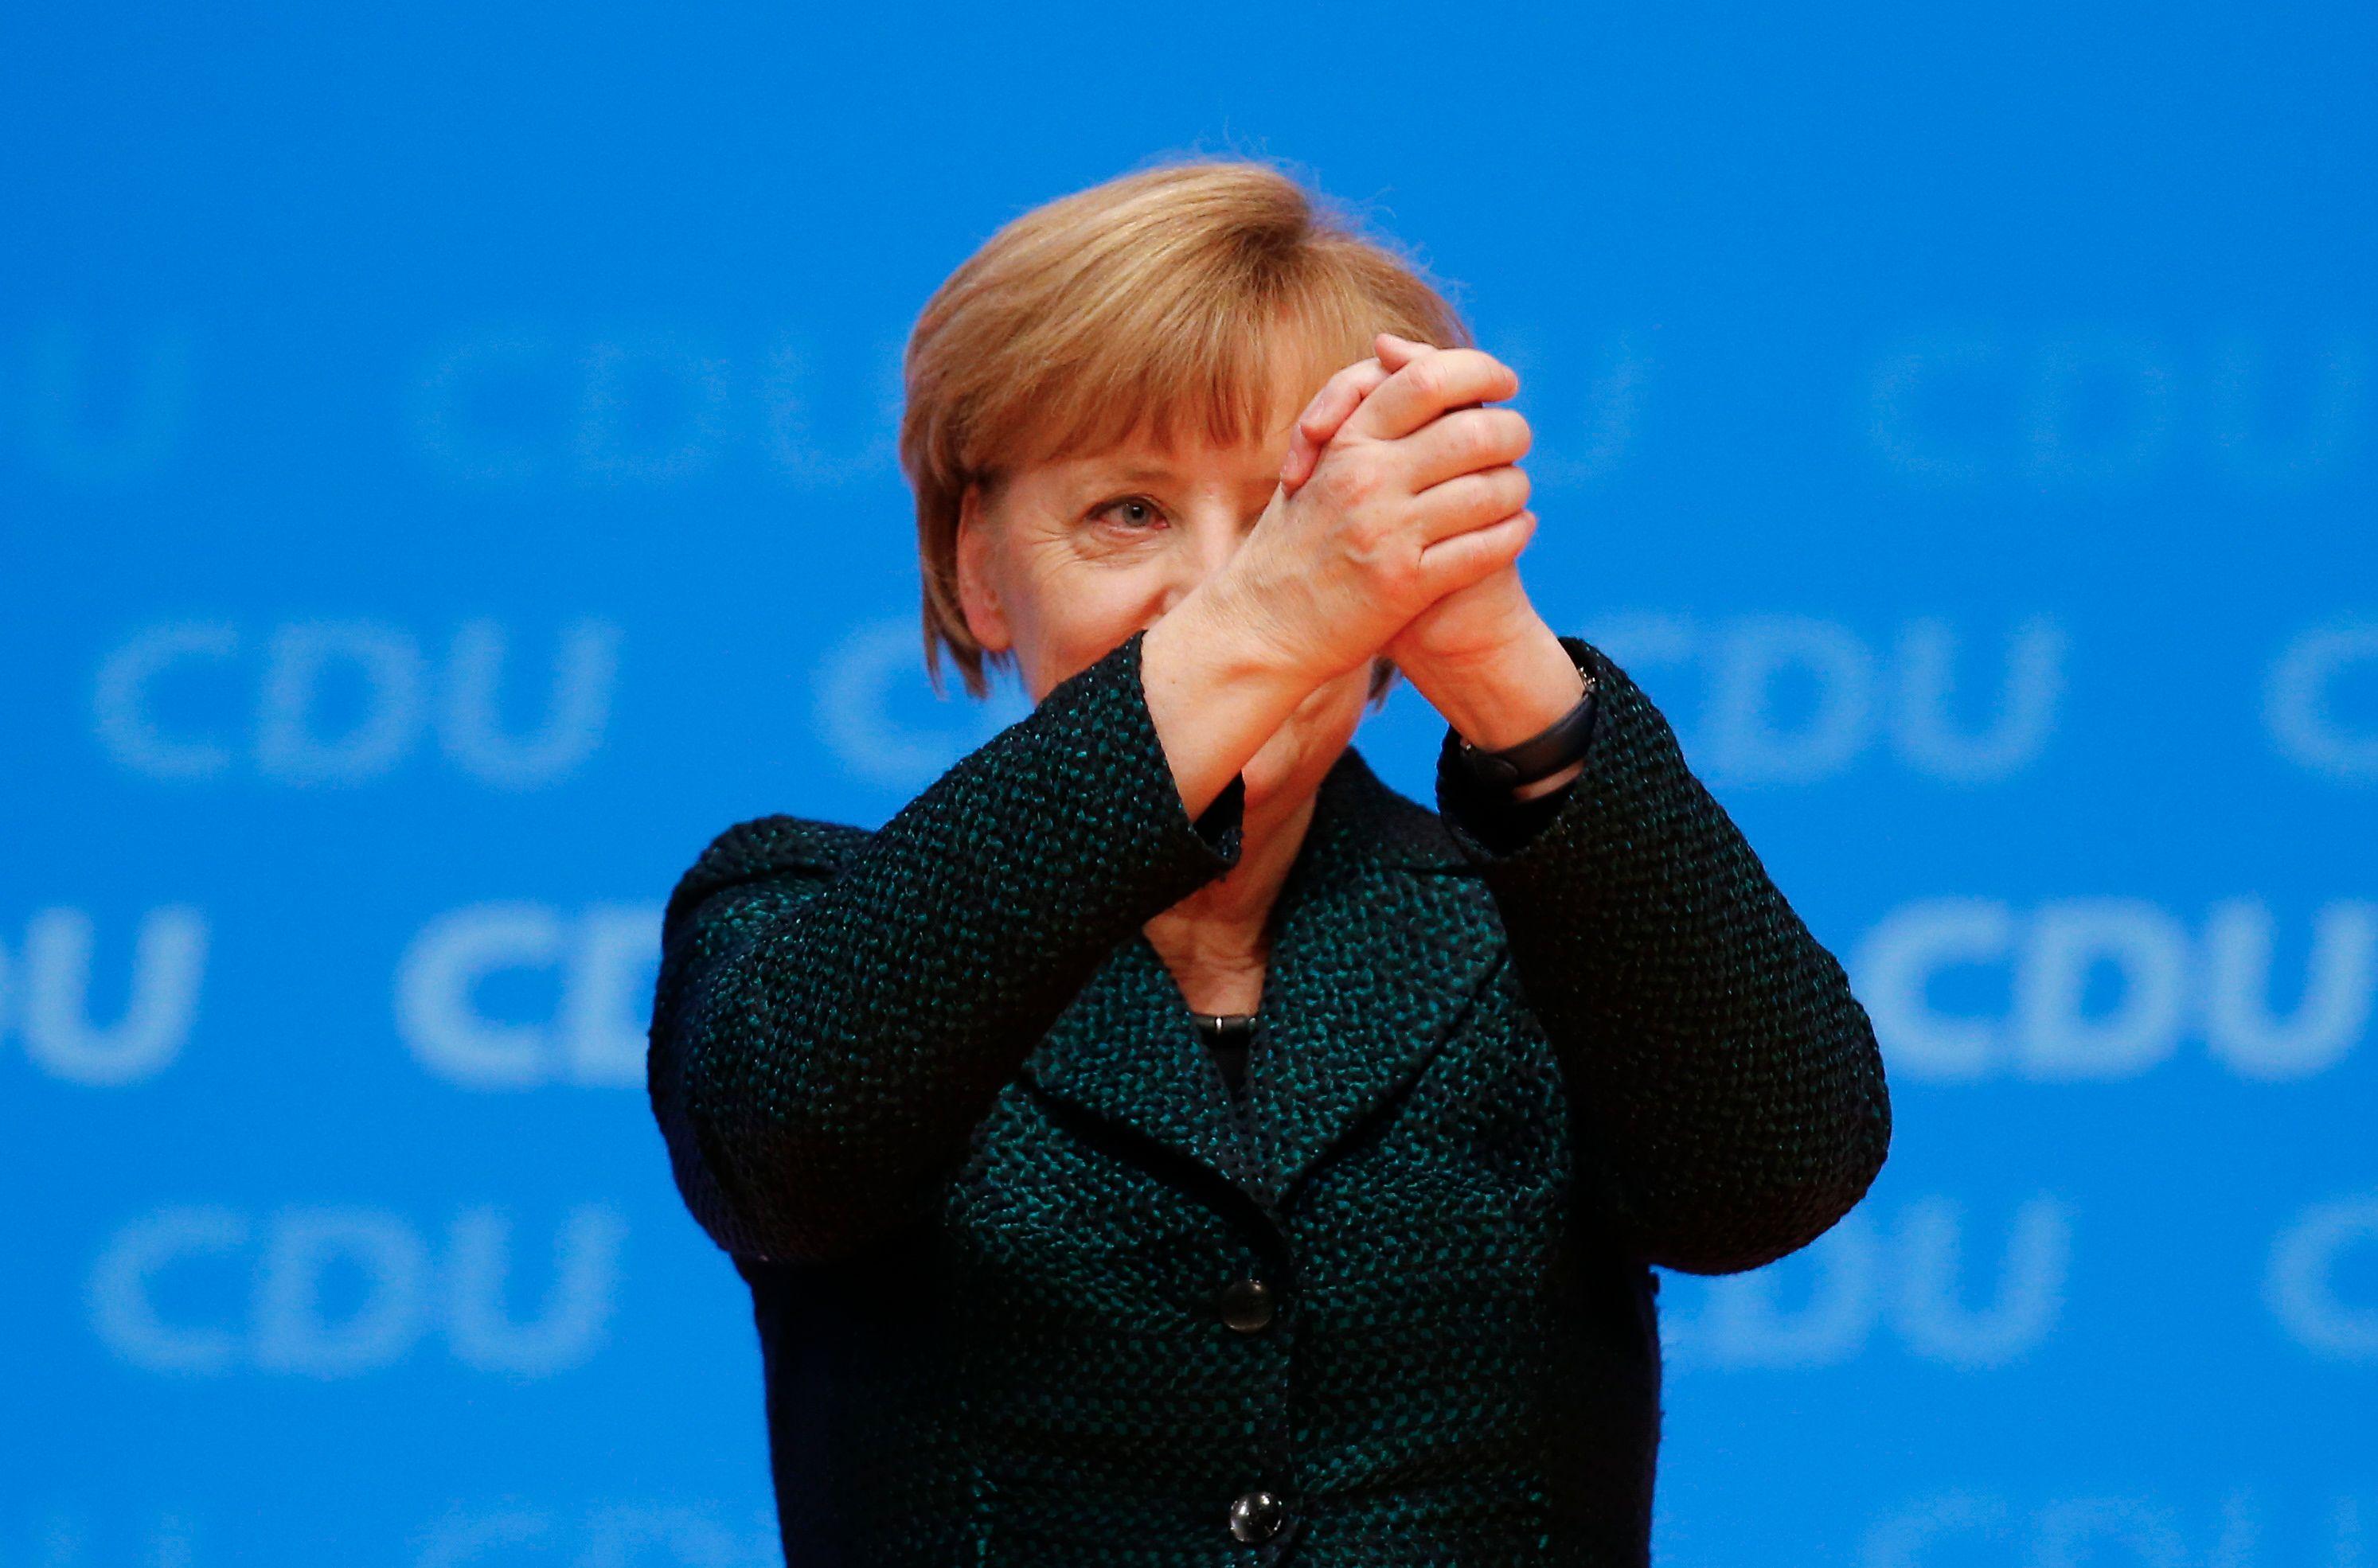 La crise des migrants : cette opportunité économique pour l'Allemagne